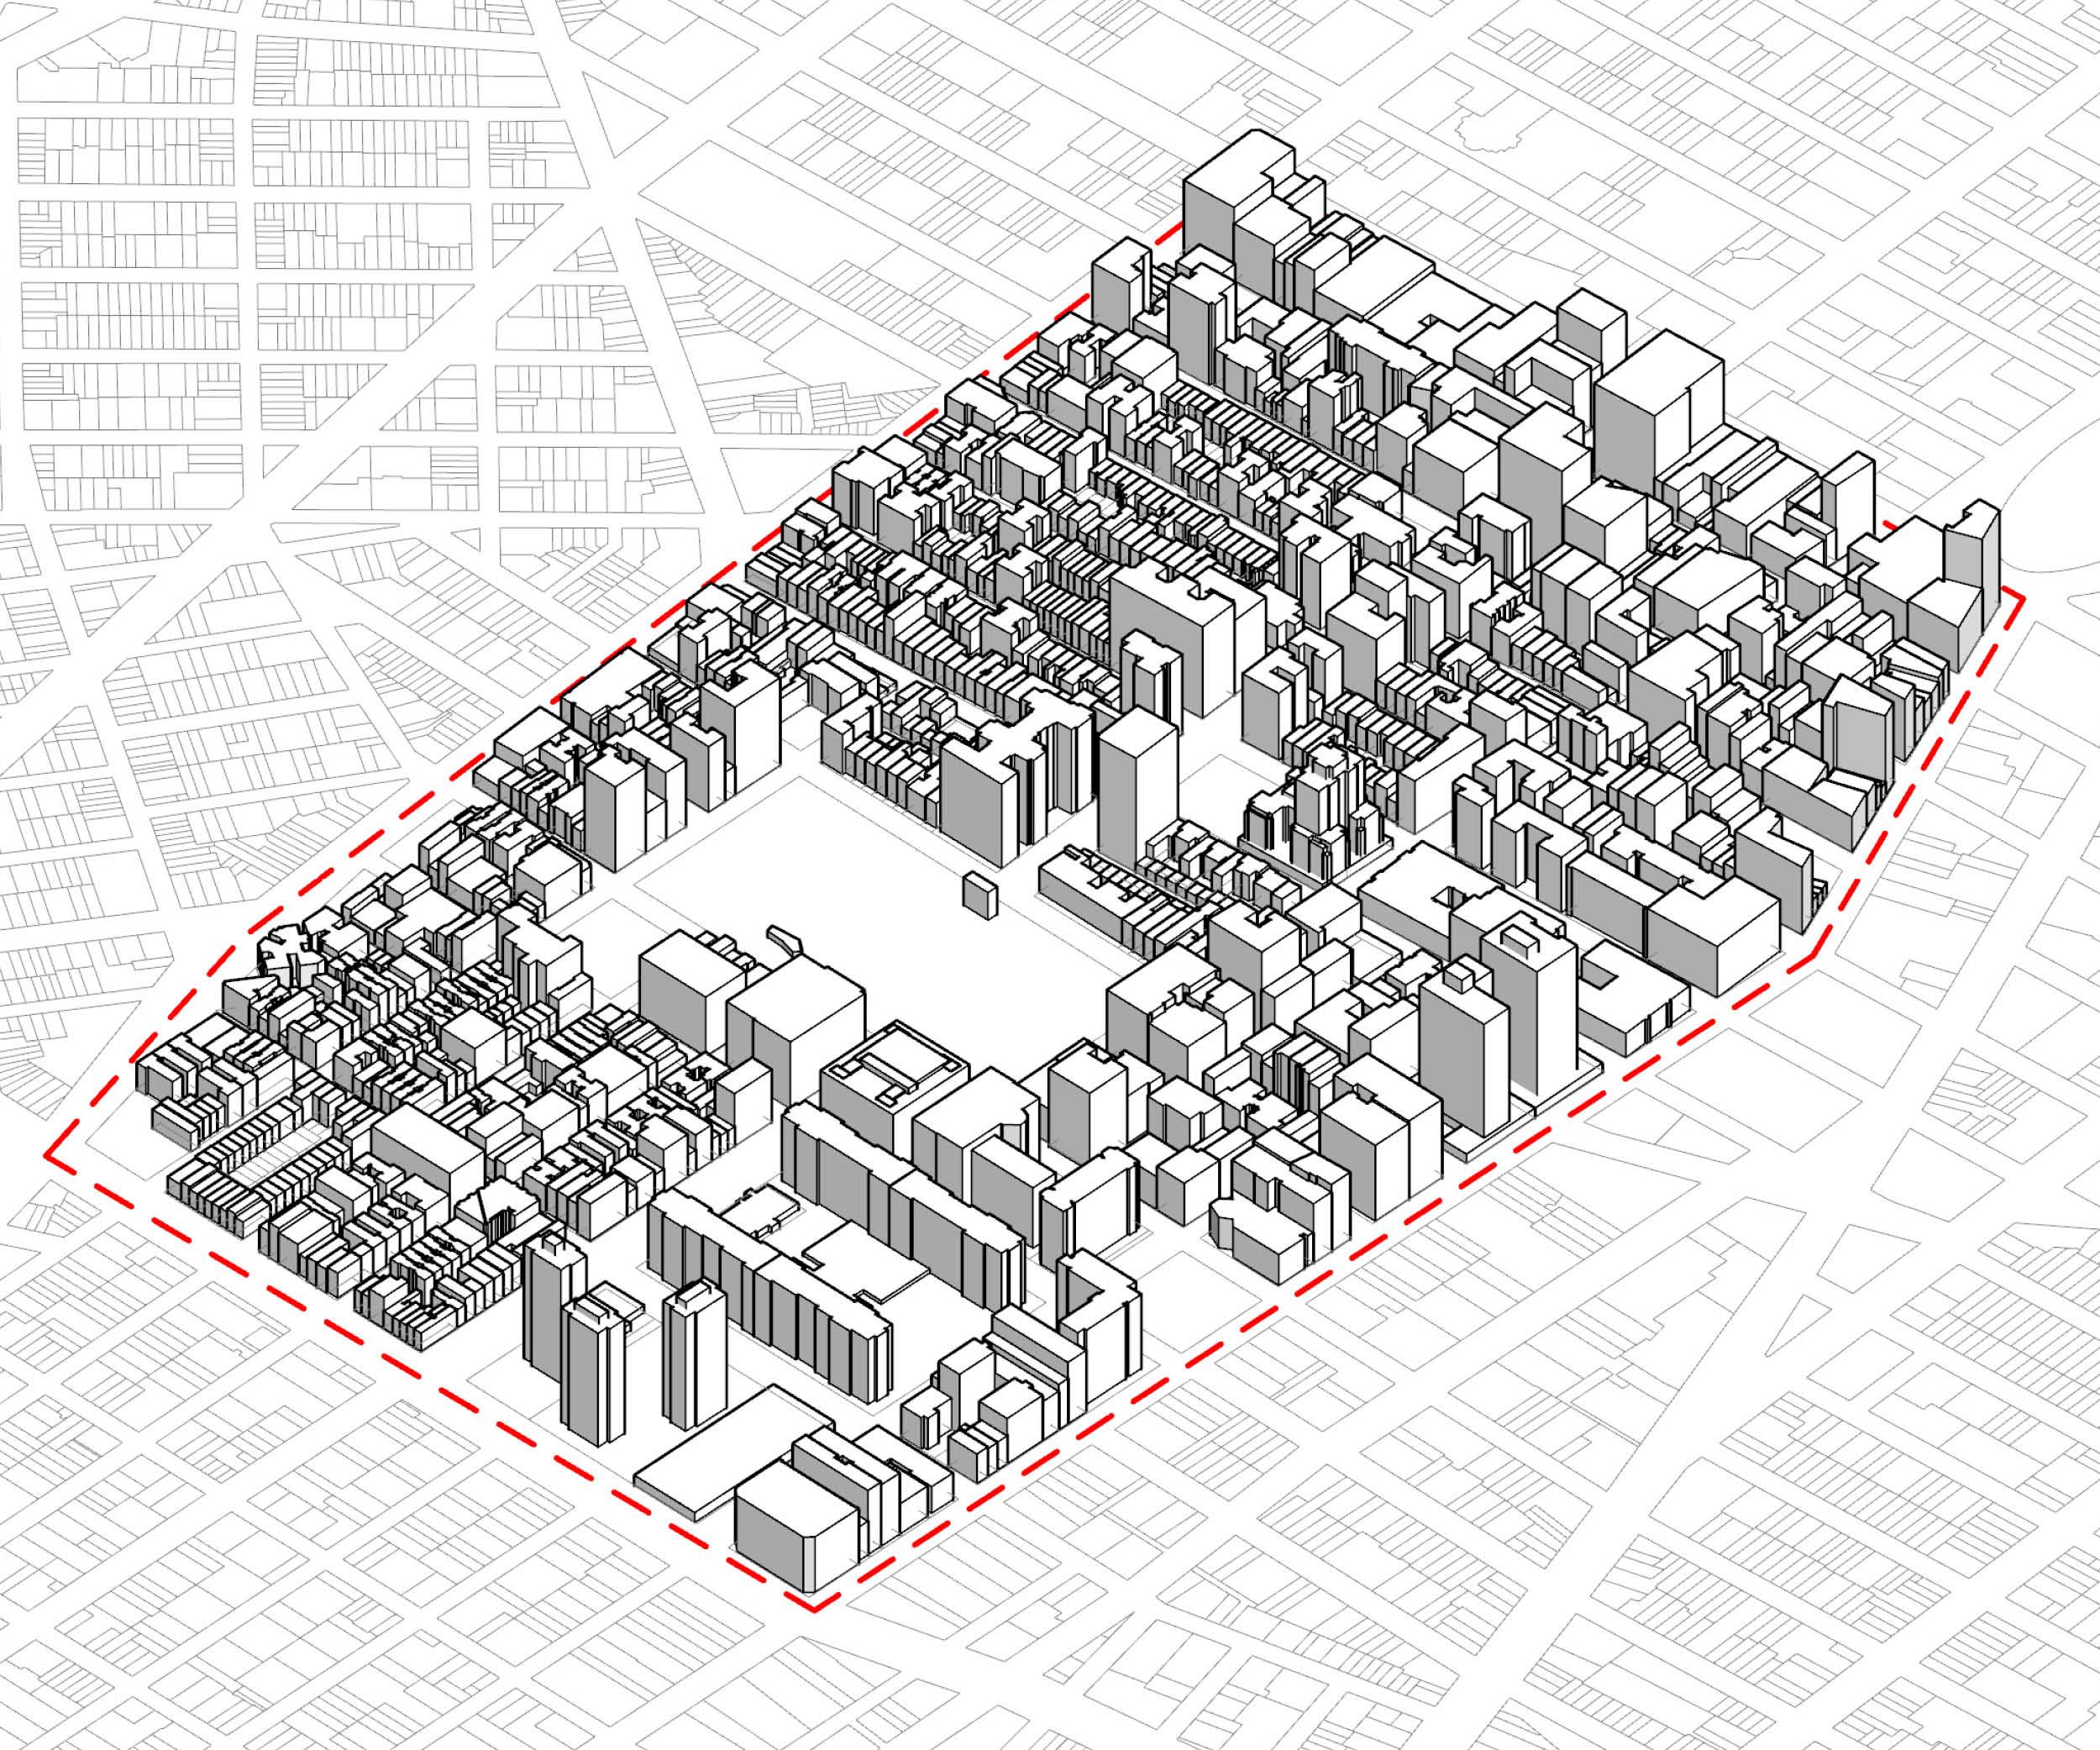 Greenwich Village   LD FAR: 3.5  NYC FAR: 5.3